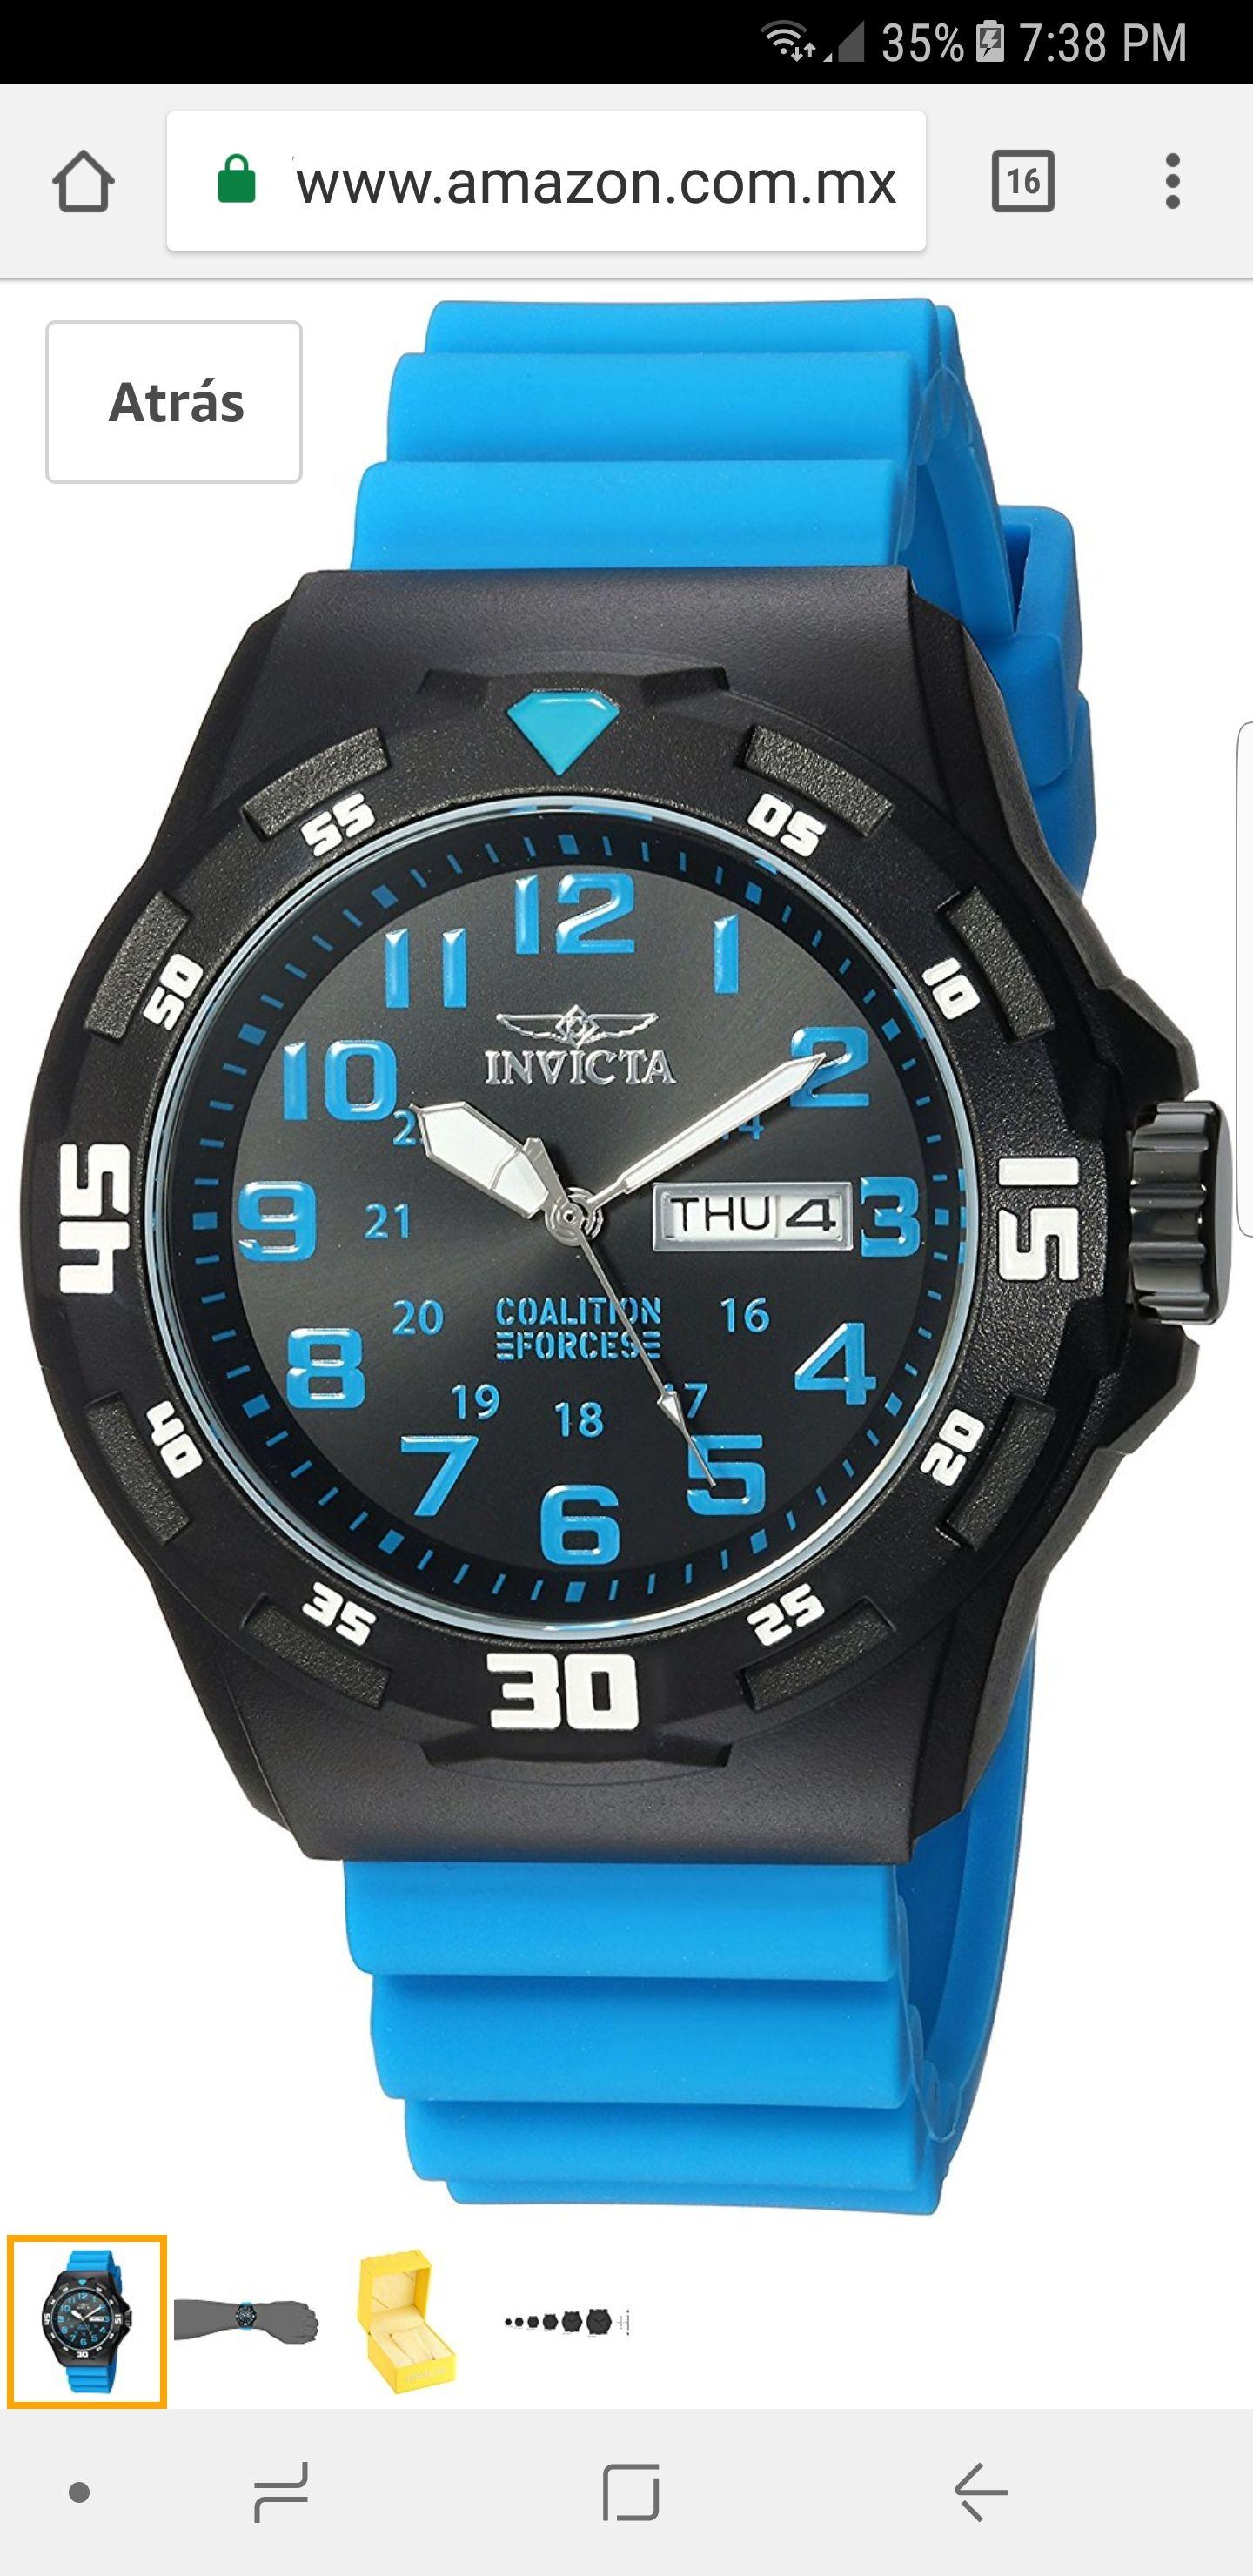 Amazon: Reloj Invicta azul con negro Model: 25330